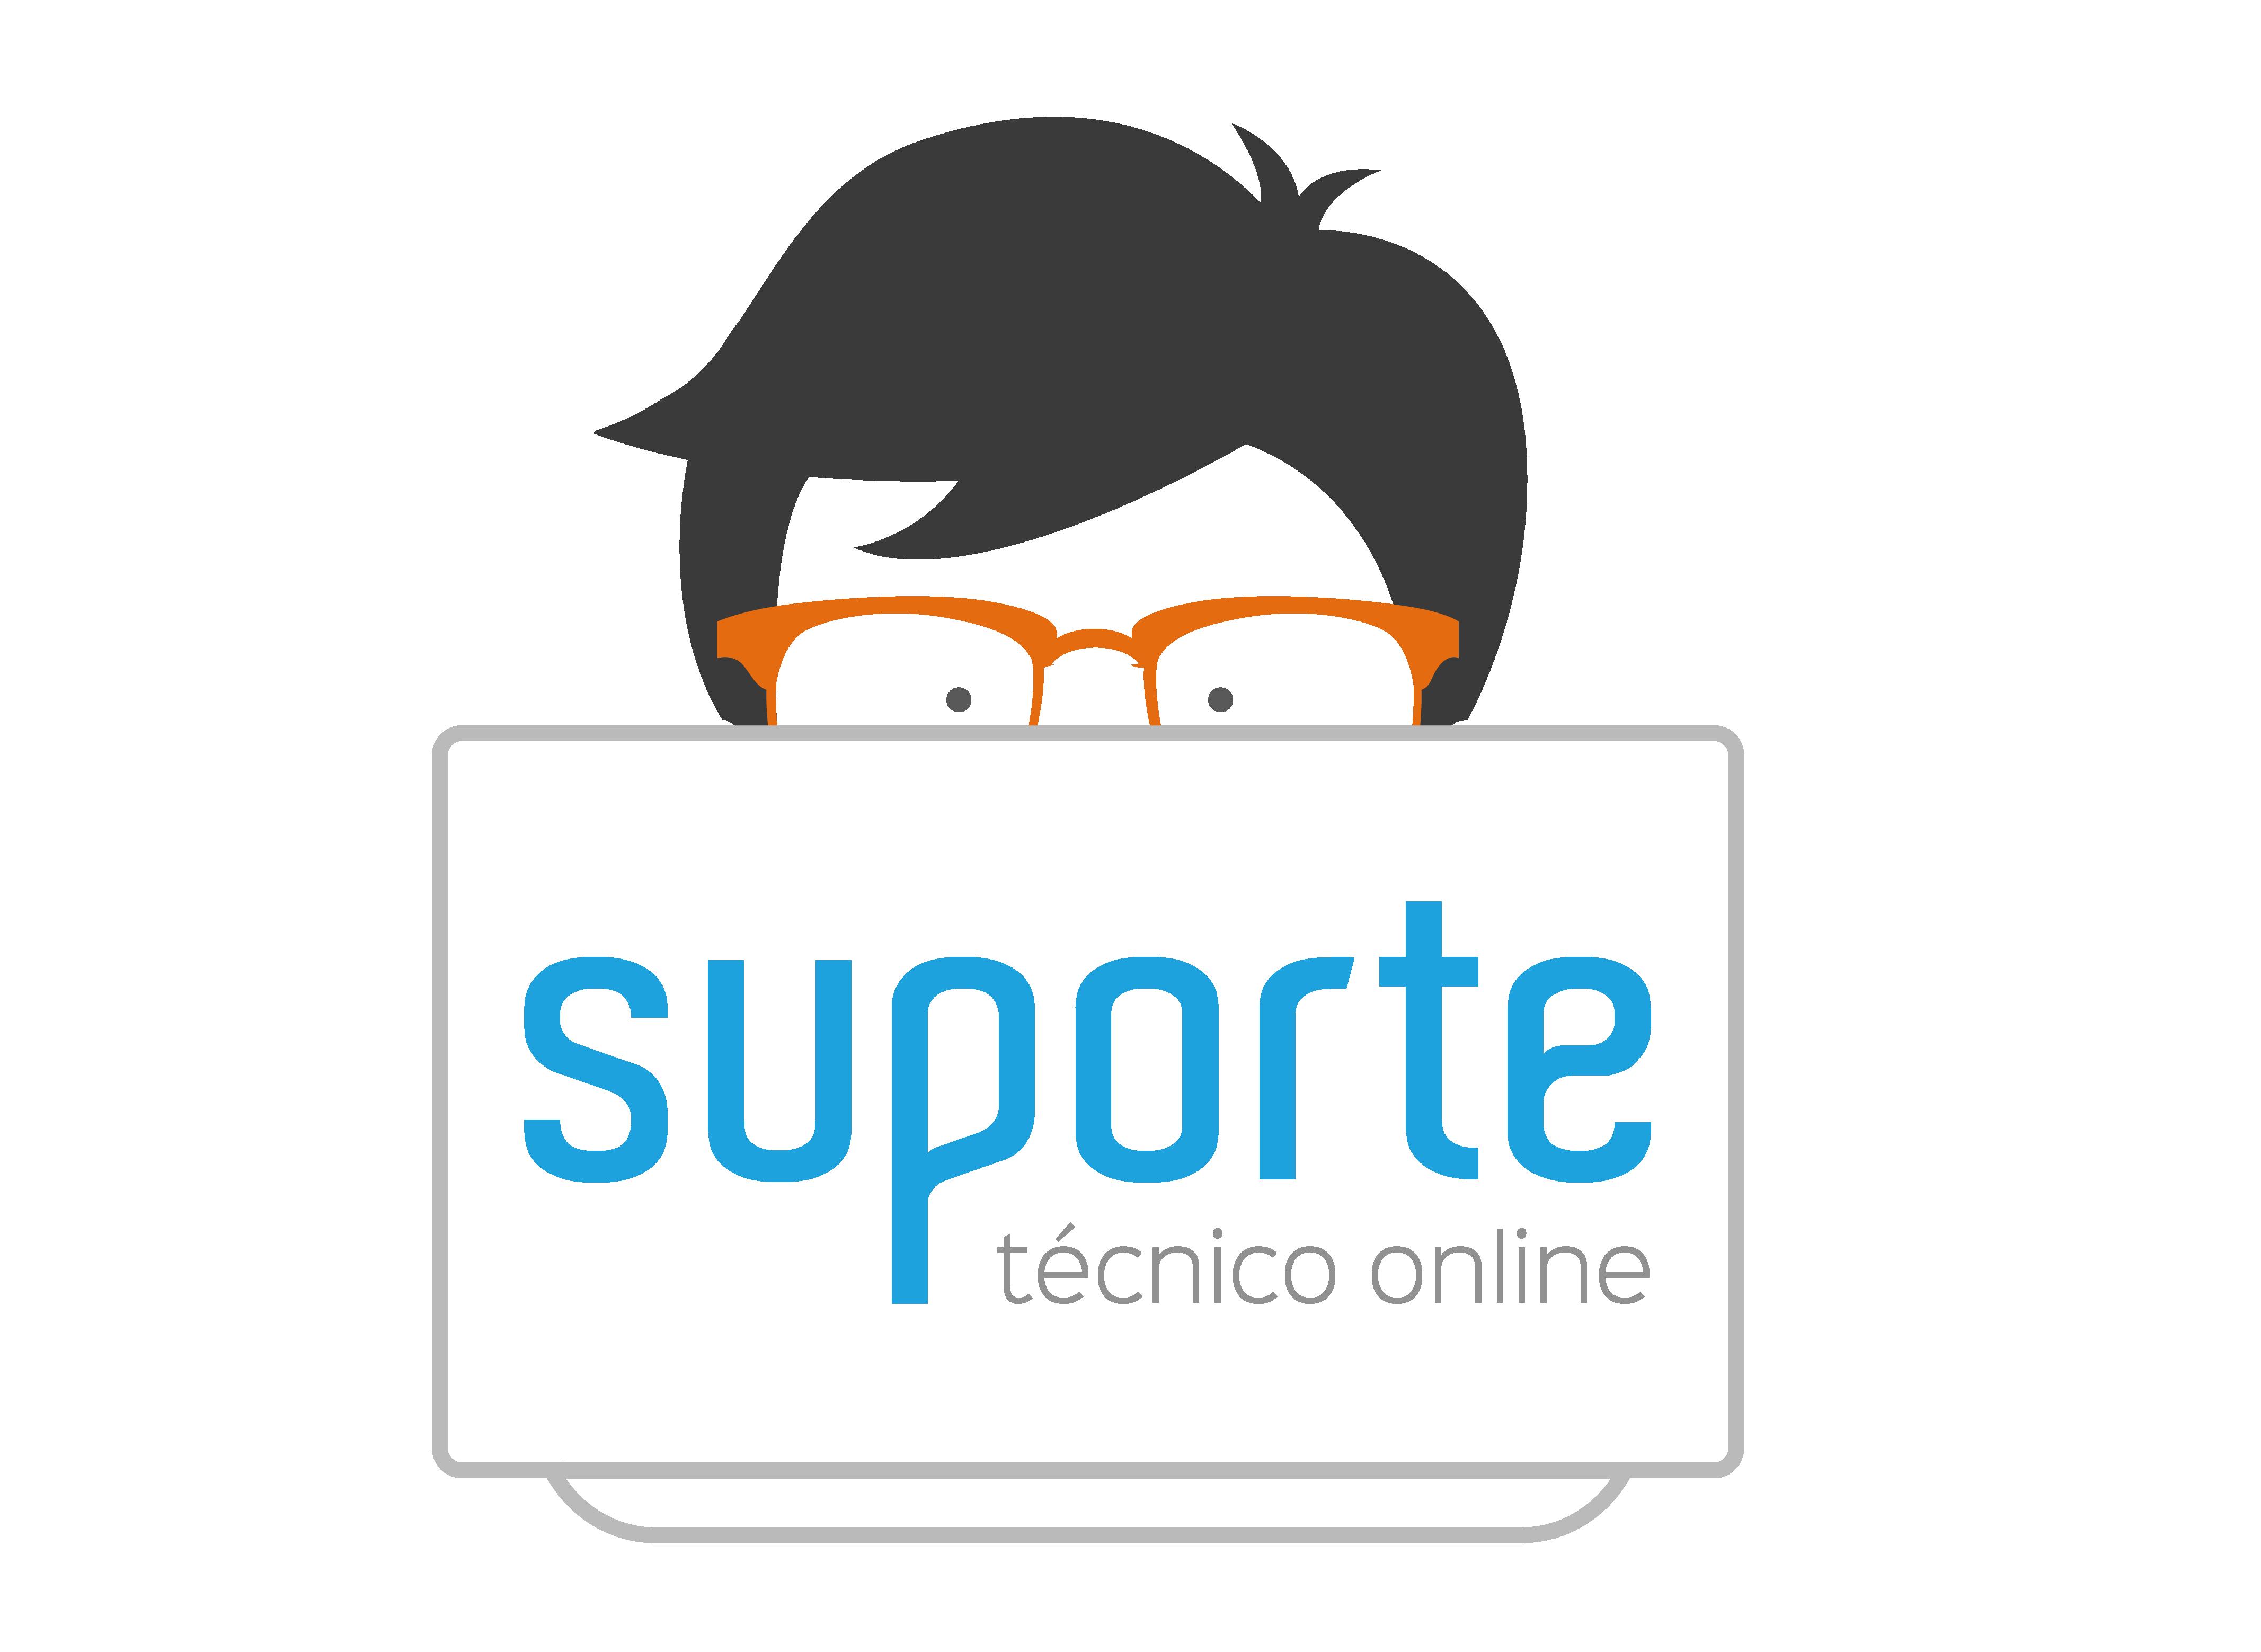 Suporte Técnico Online